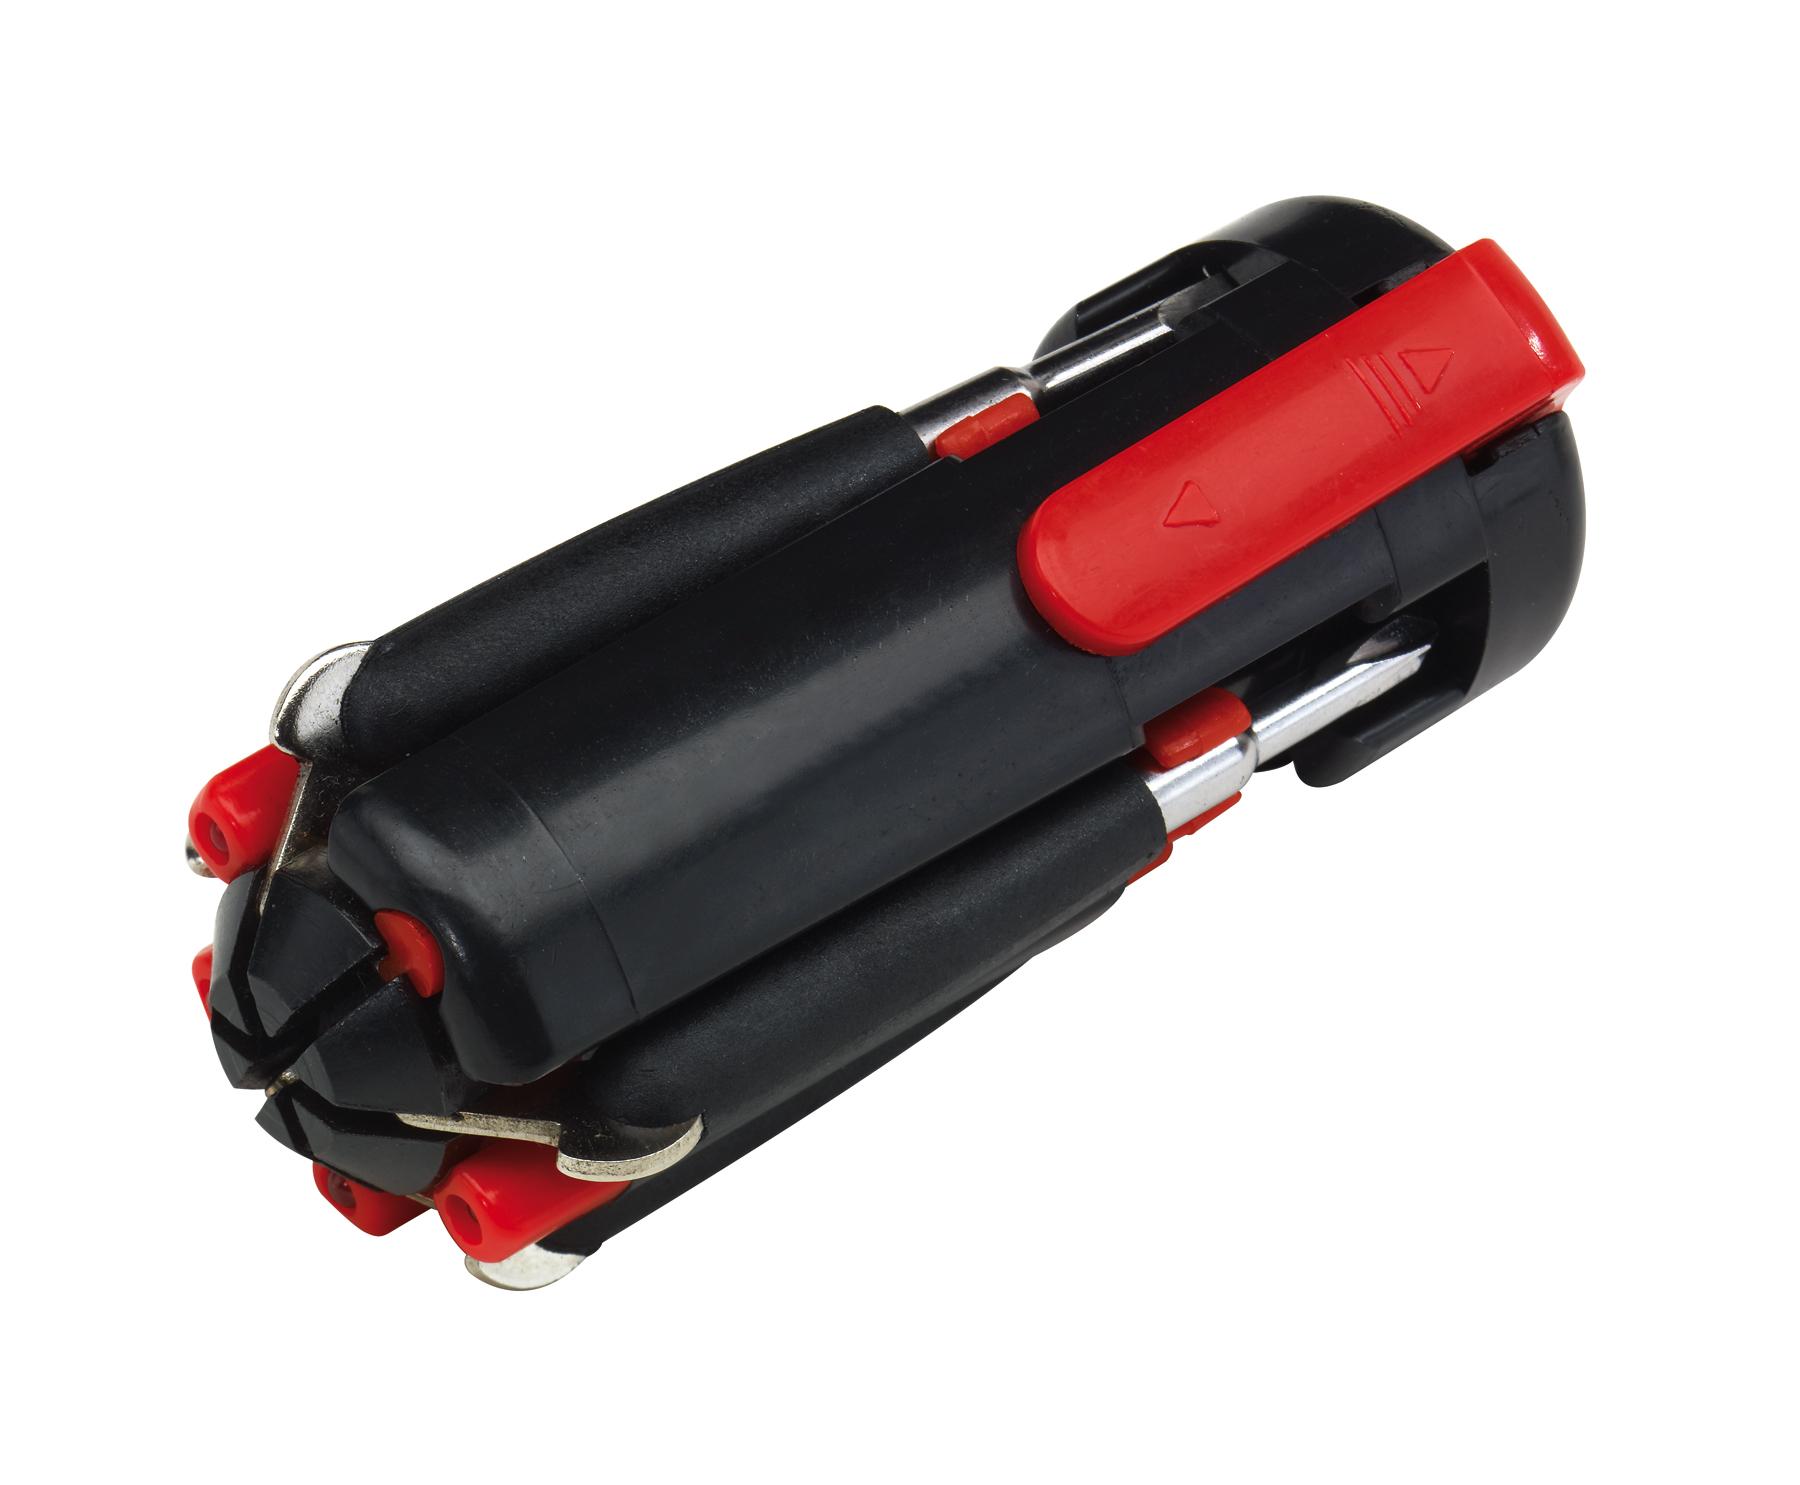 Zestaw śrubokrętów 6in1, czarny, czerwony